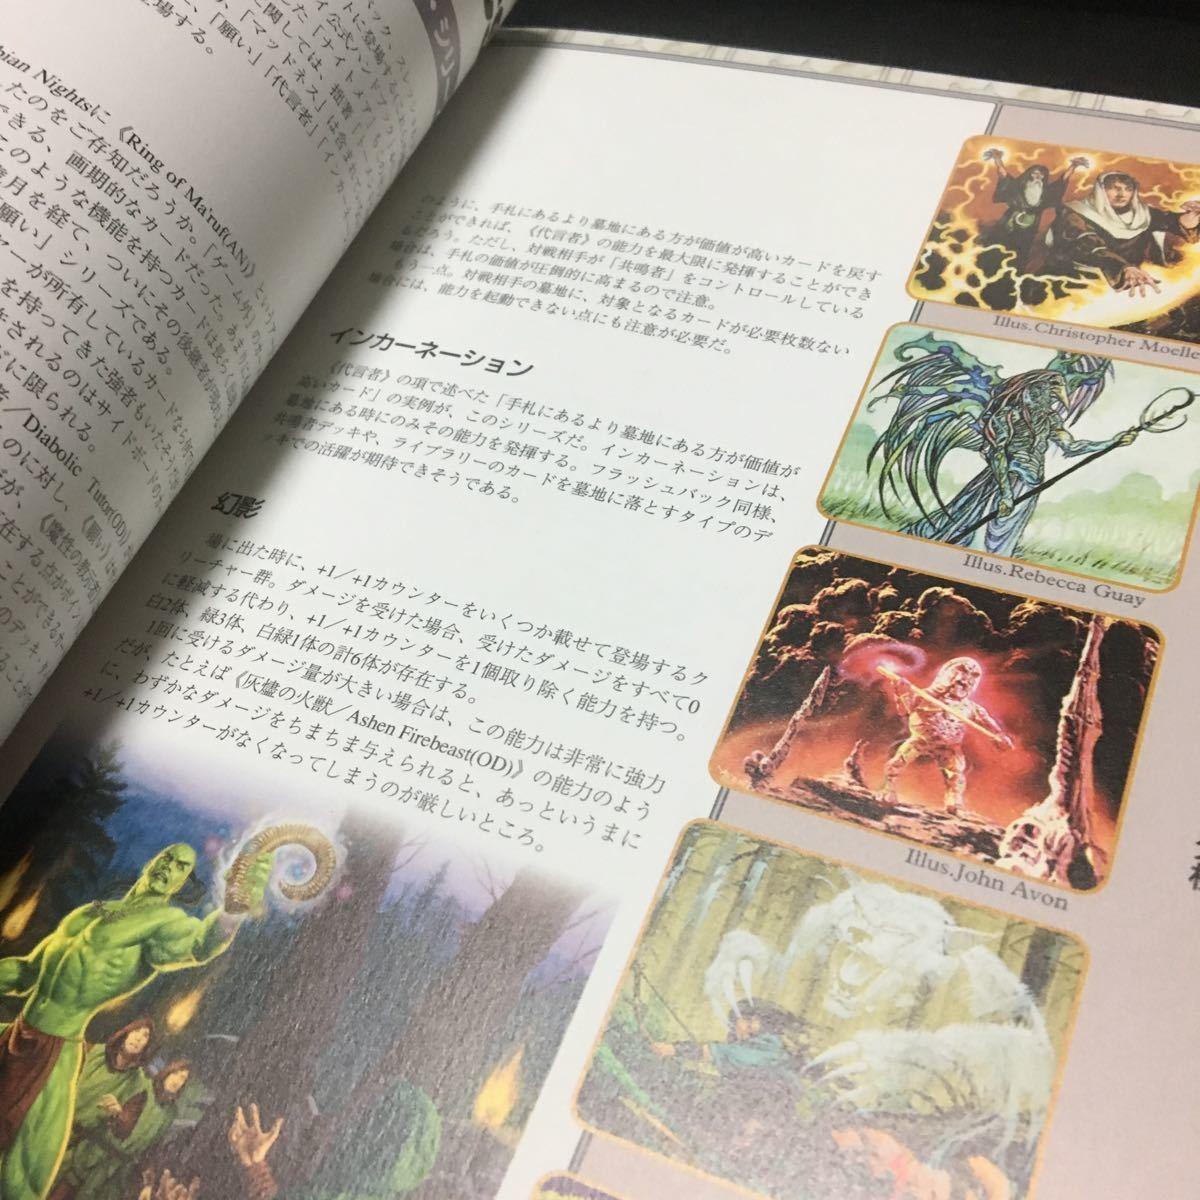 【JUDGEMENT 公式ハンドブック】MAGIC ジャッジメント オフィシャル ガイド 2002年 鶴田慶之 カードゲーム ホビー 【19/11 A-1】_画像3